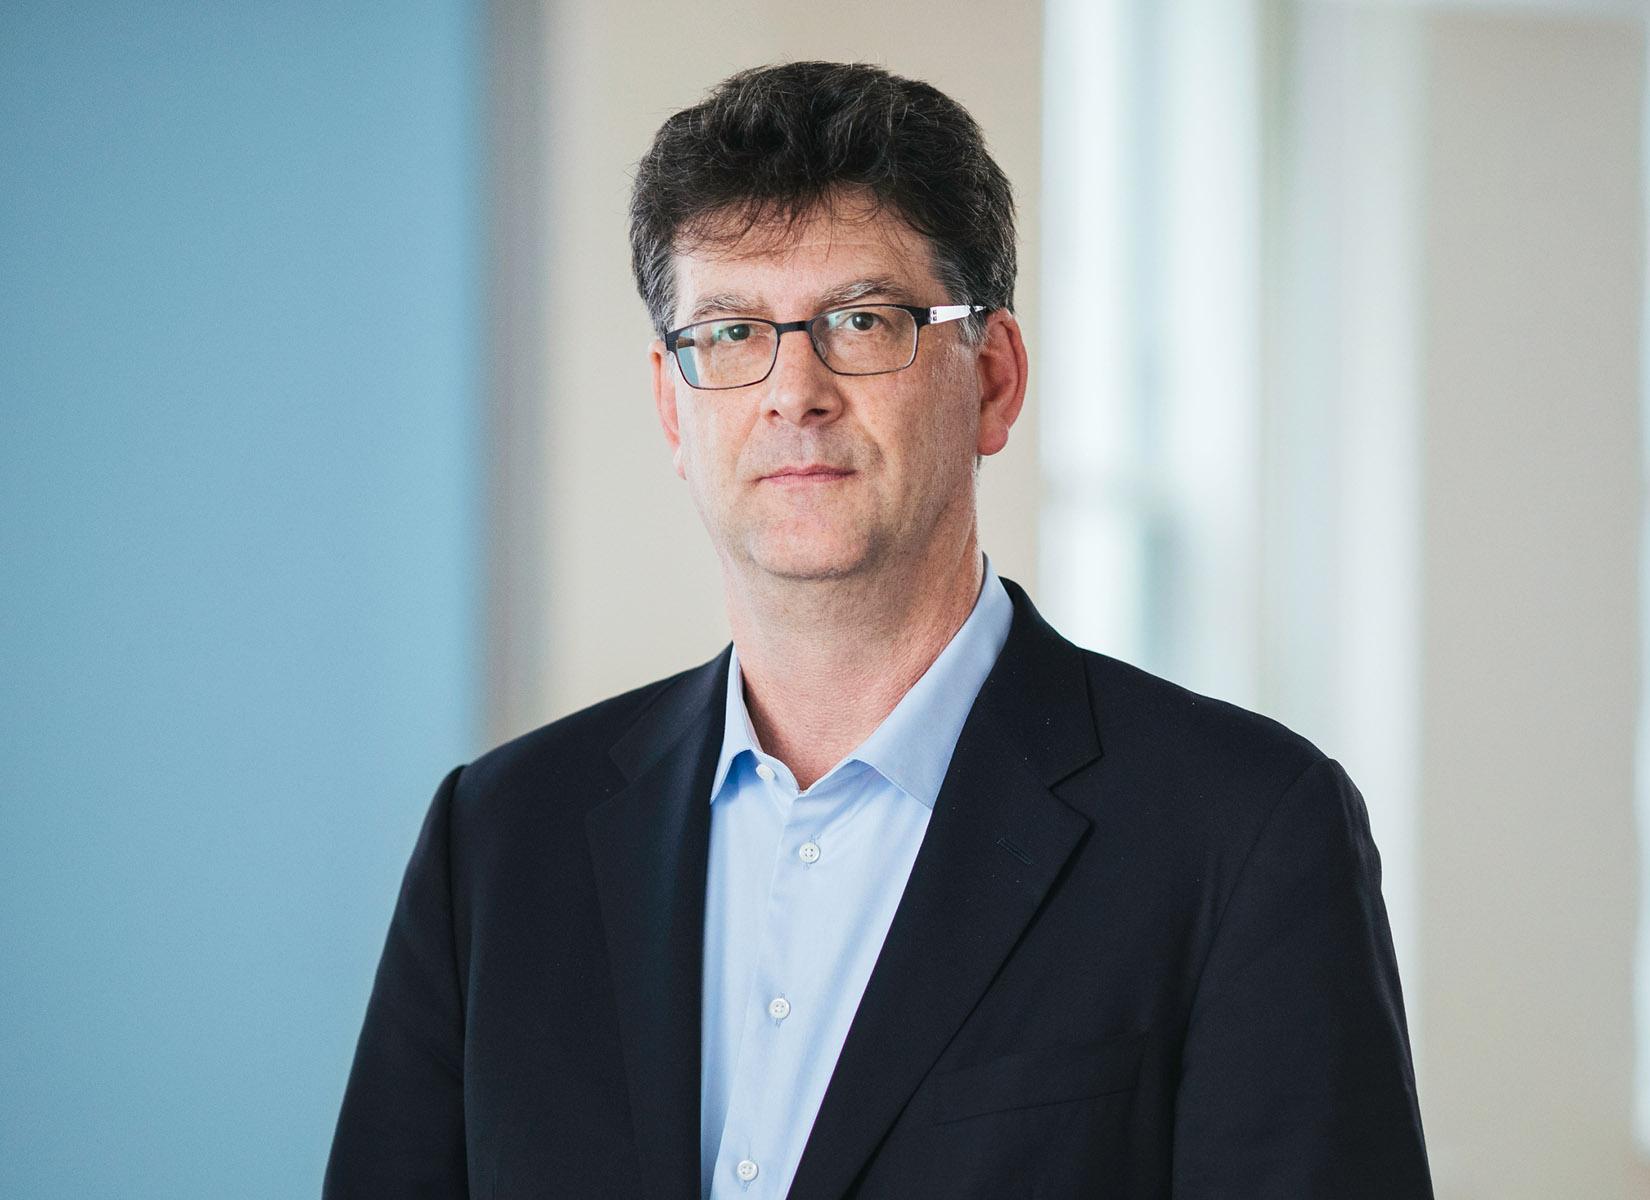 Philip T. von Mehren